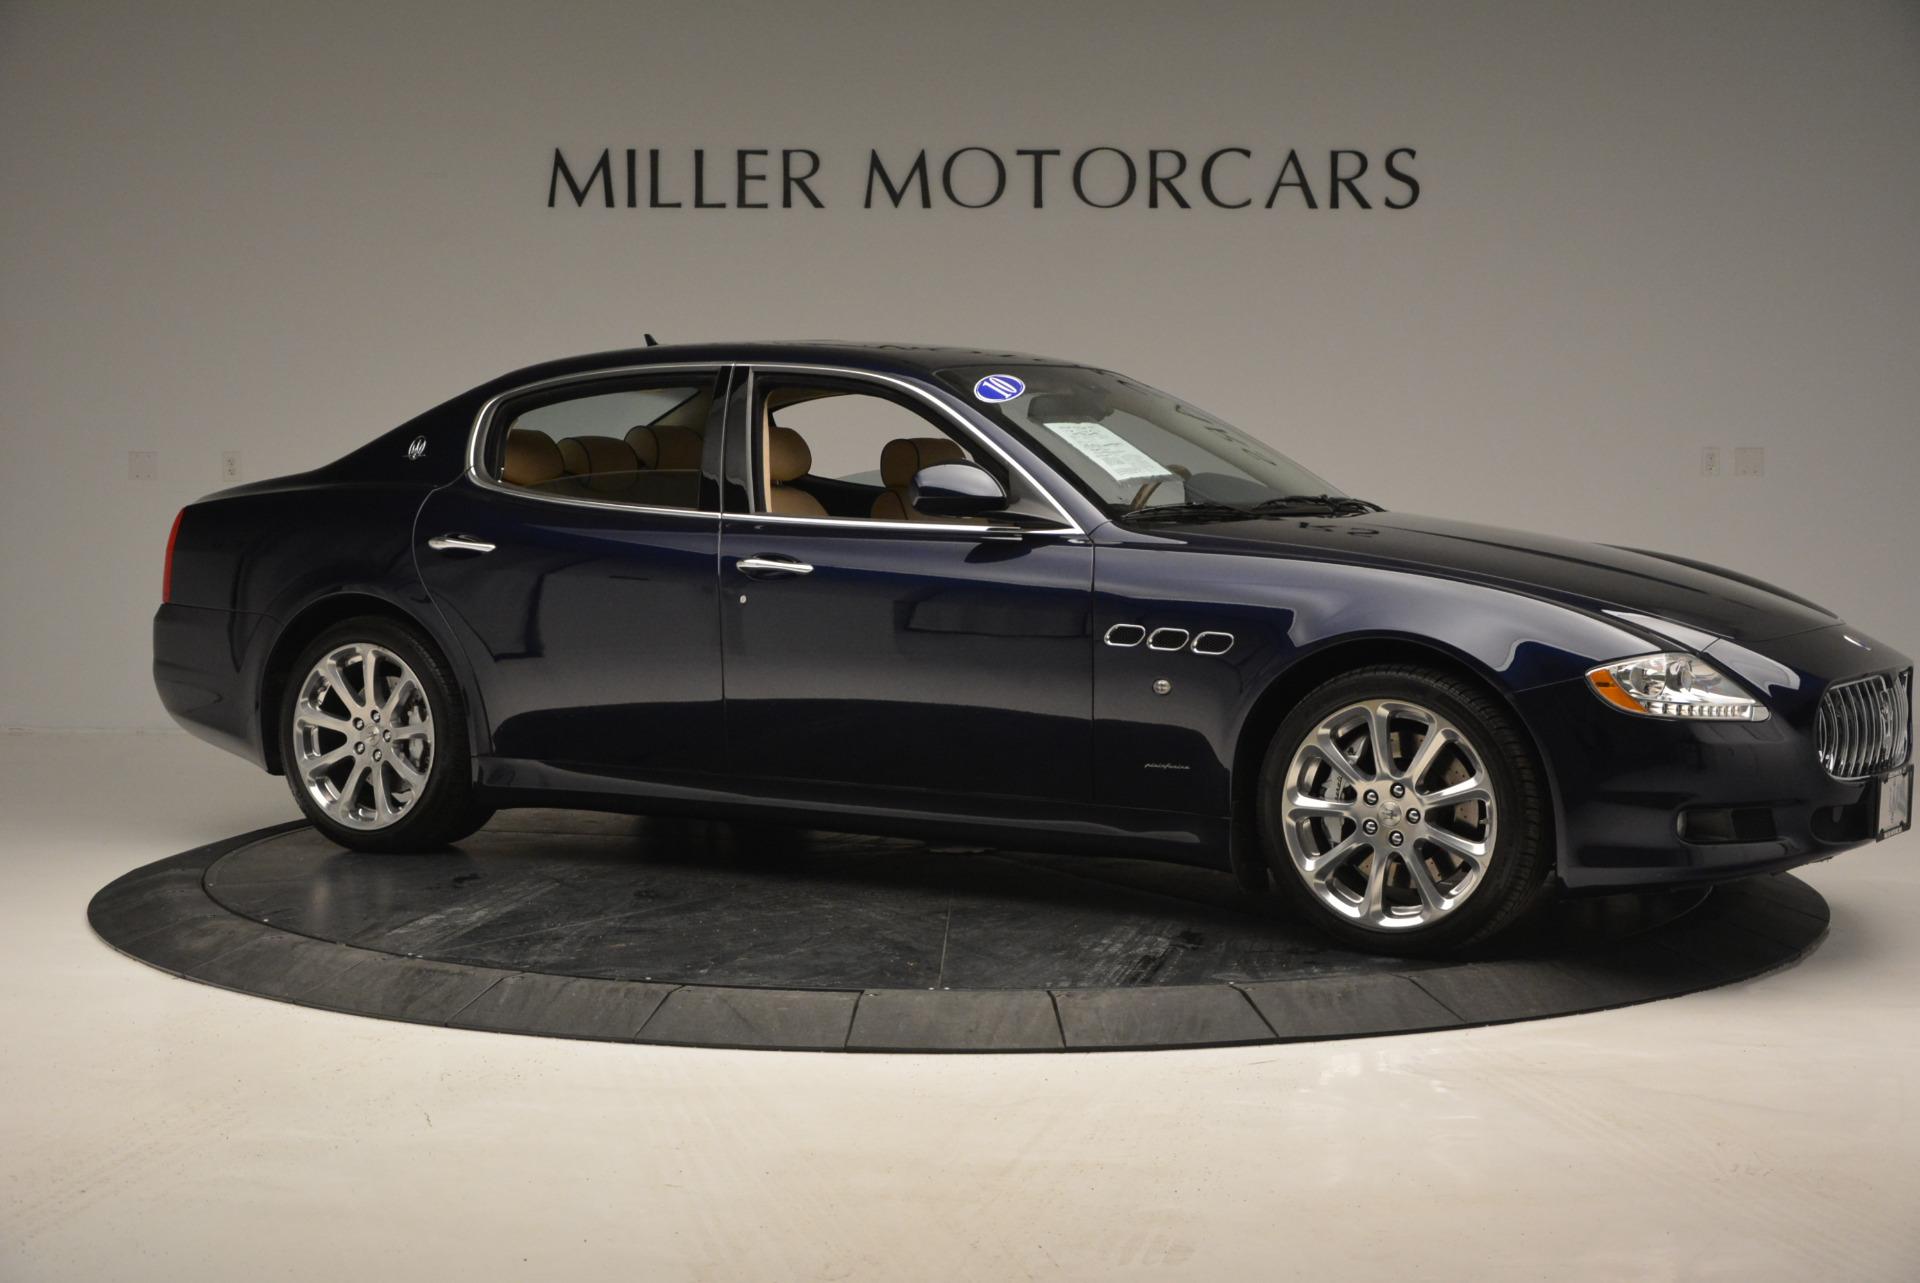 Used 2010 Maserati Quattroporte S For Sale In Greenwich, CT 795_p10